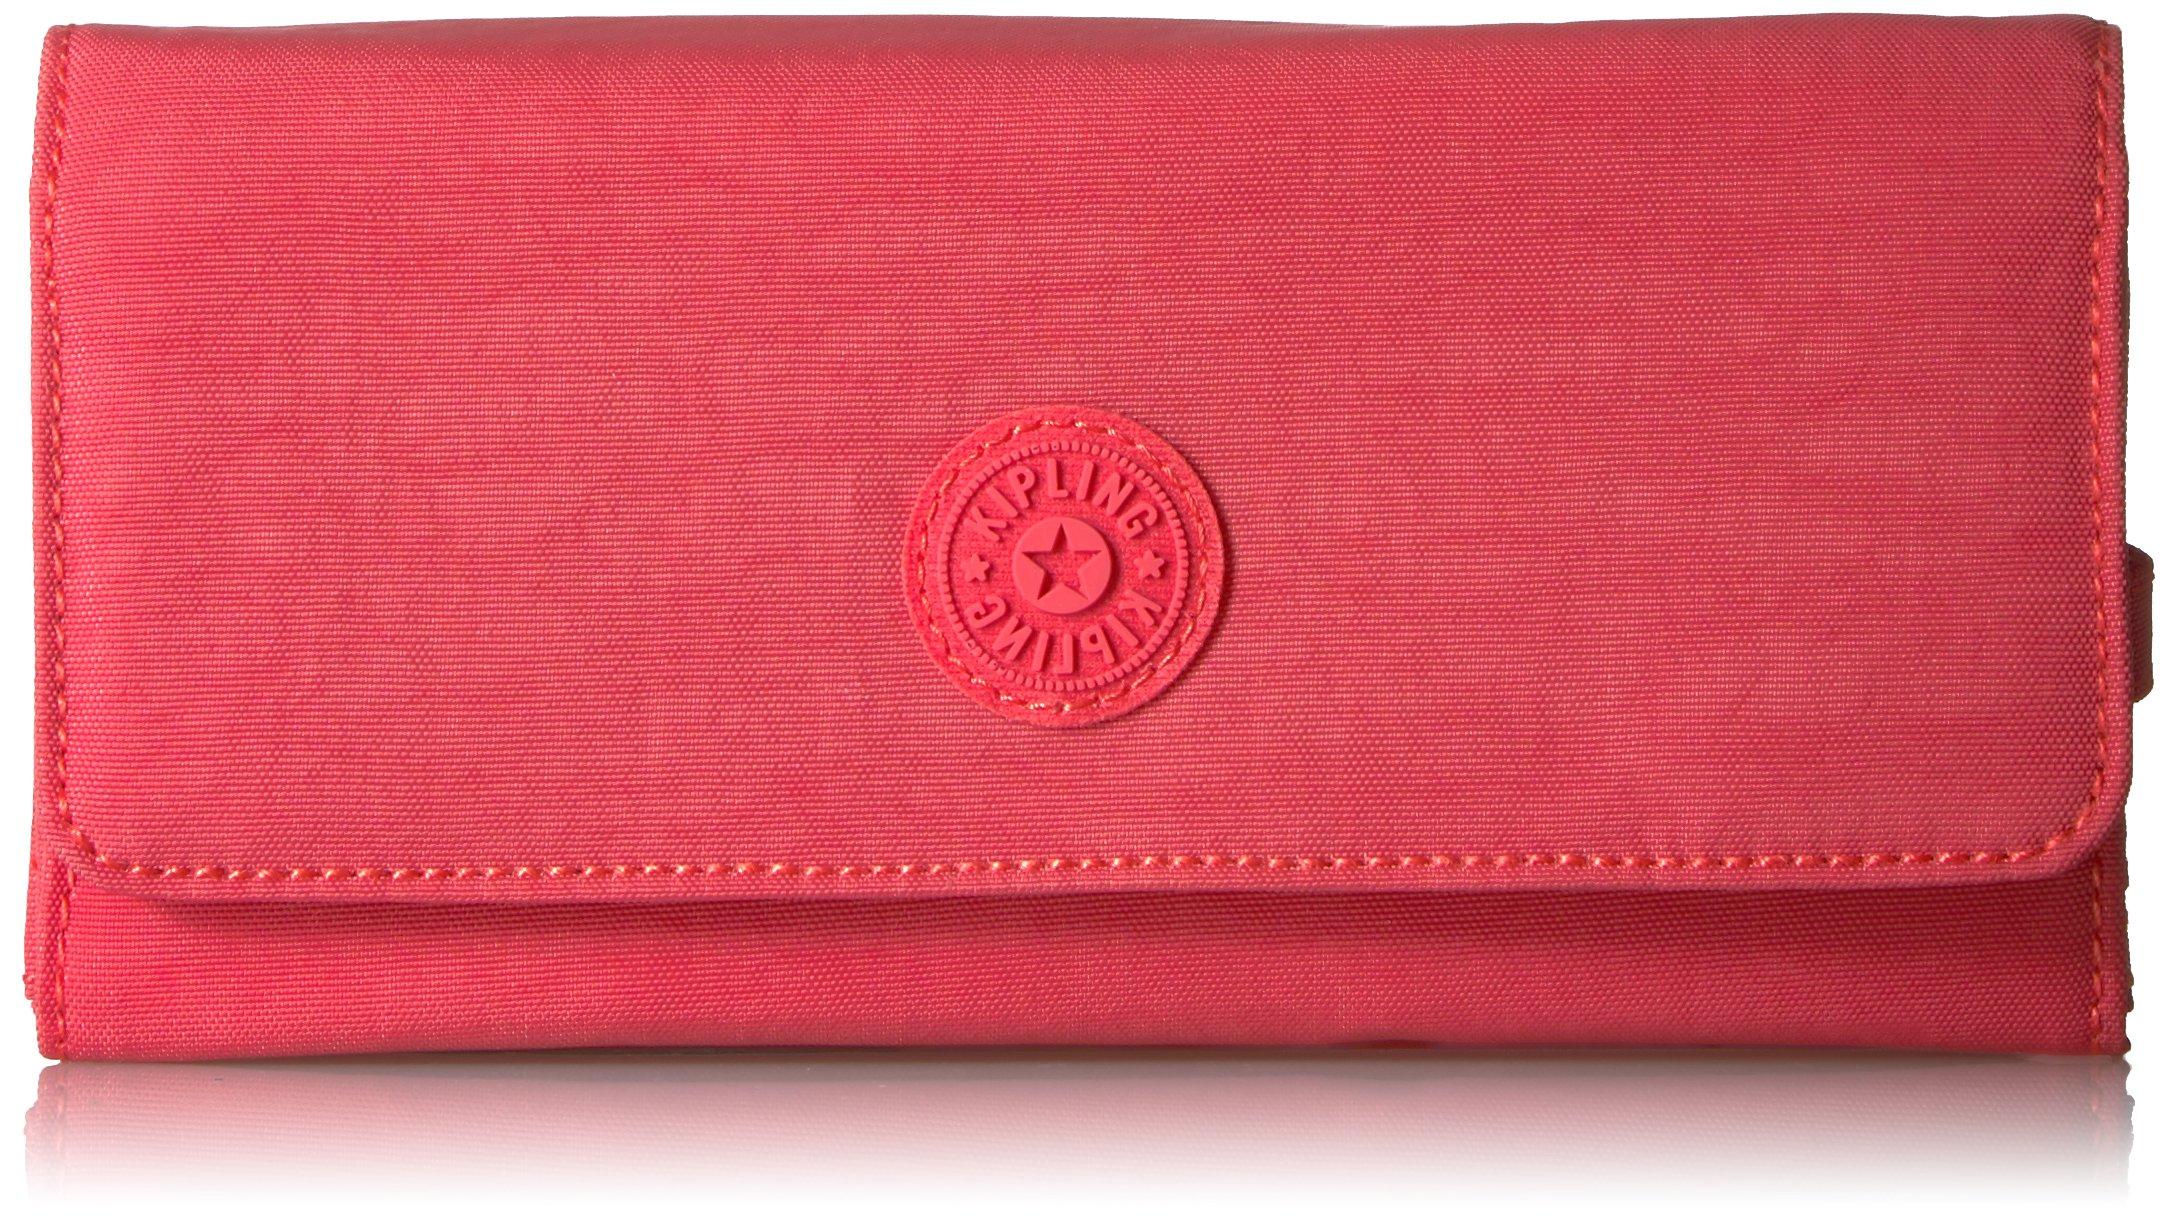 New Teddi Solid Snap Wallet Wallet, PAPAYAORNG, One Size